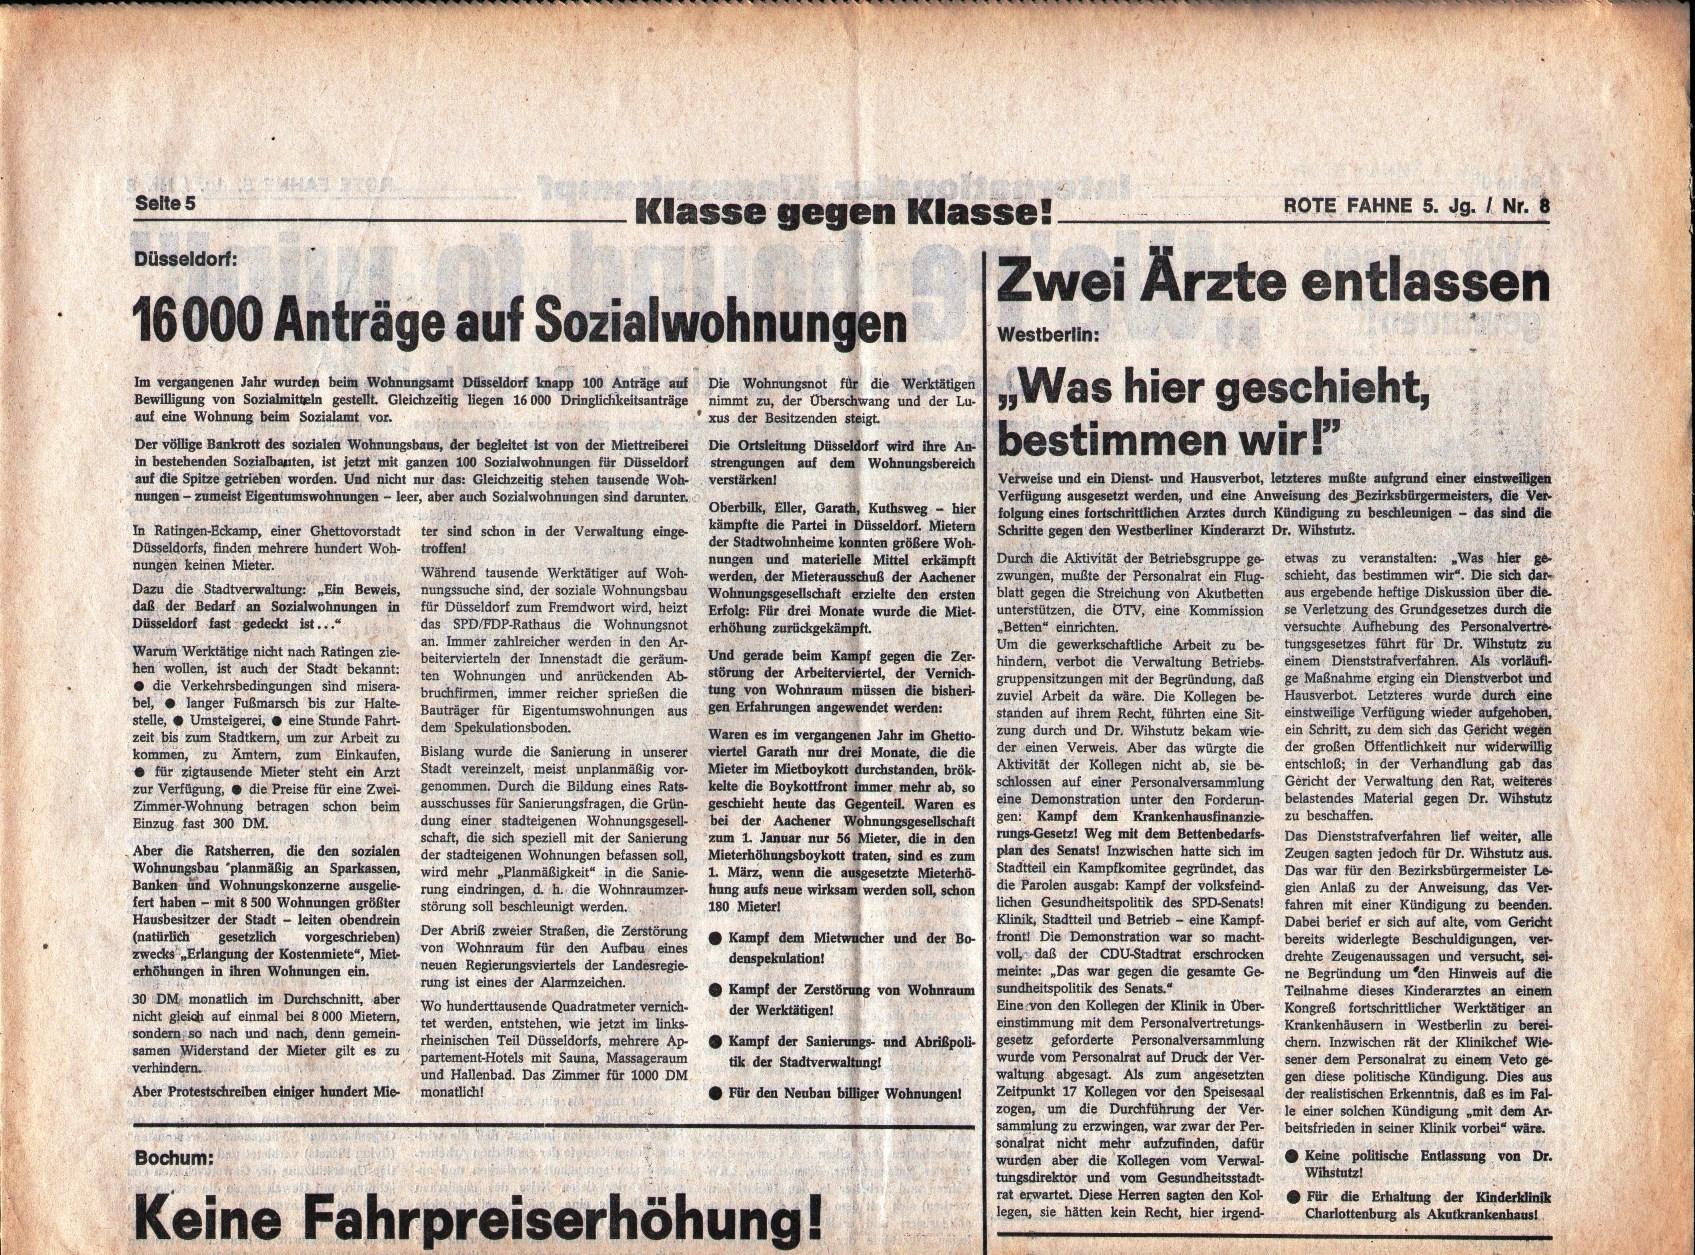 KPD_Rote_Fahne_1974_08_09